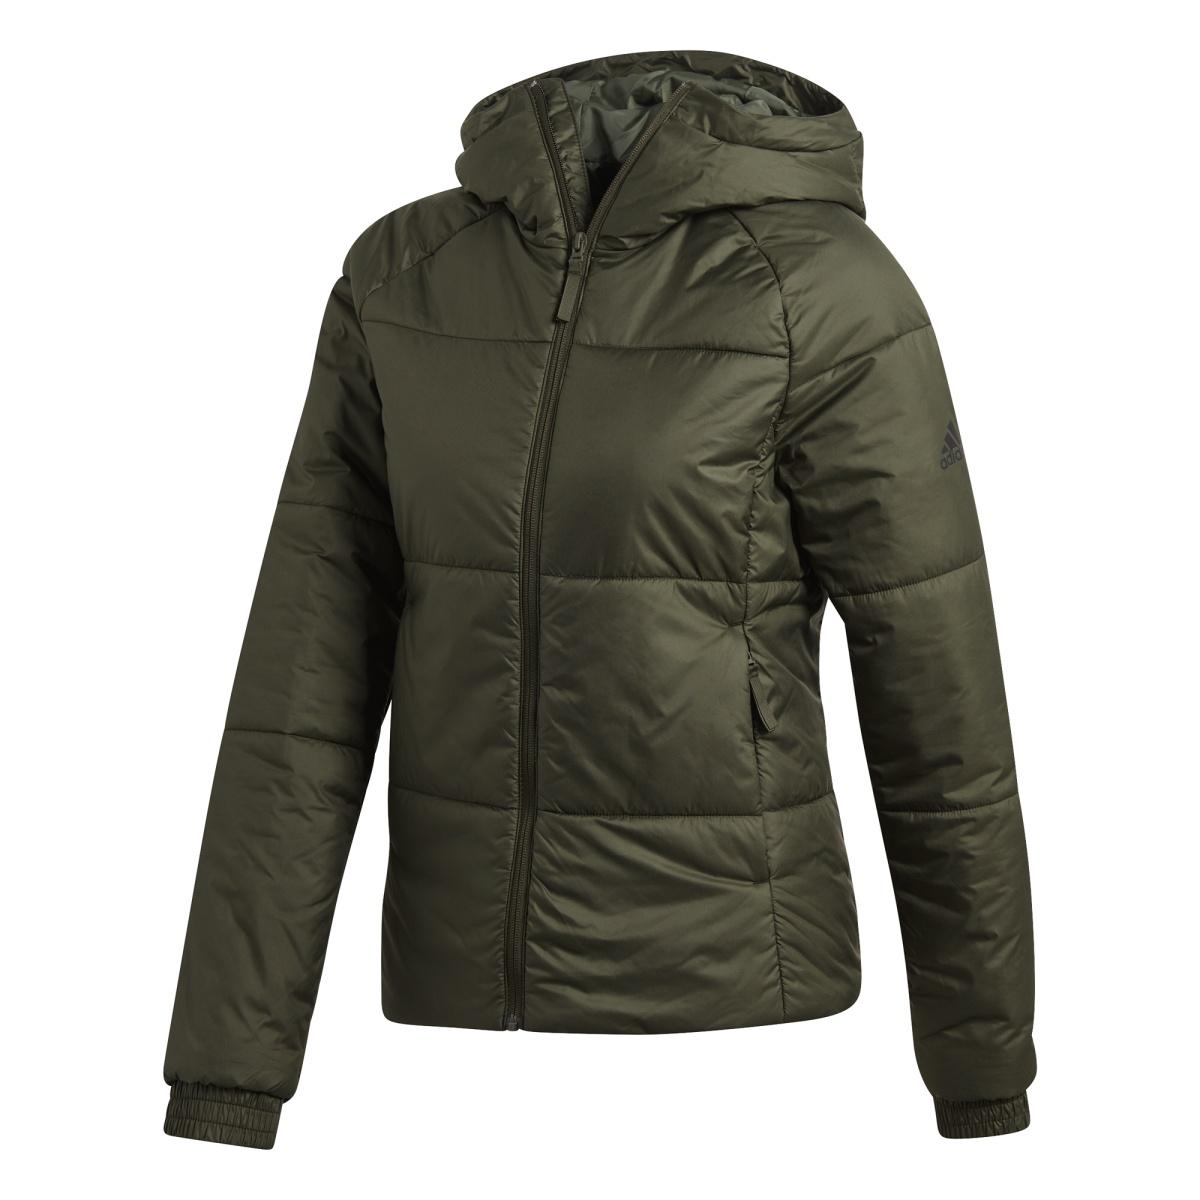 bceff56aa640 adidas W Bts Jacket zelená XL - Glami.sk